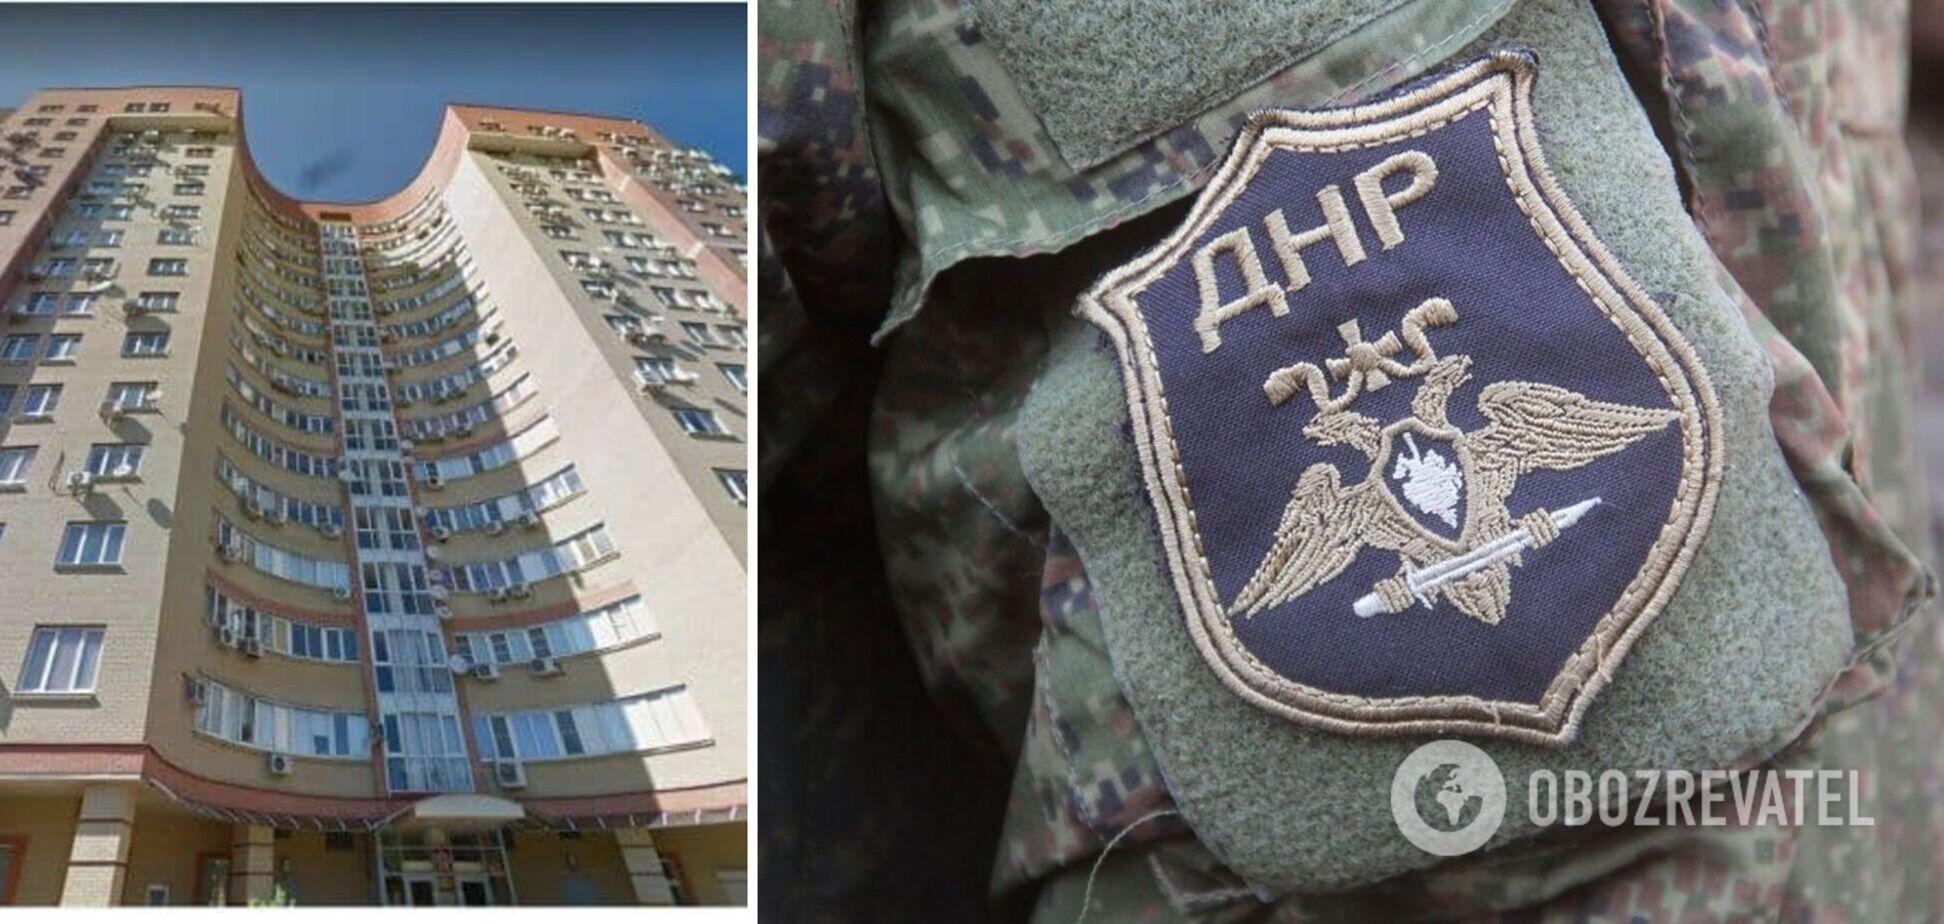 'Міністр ДНР' Олександр Оприщенко купив елітну квартиру у Ростові